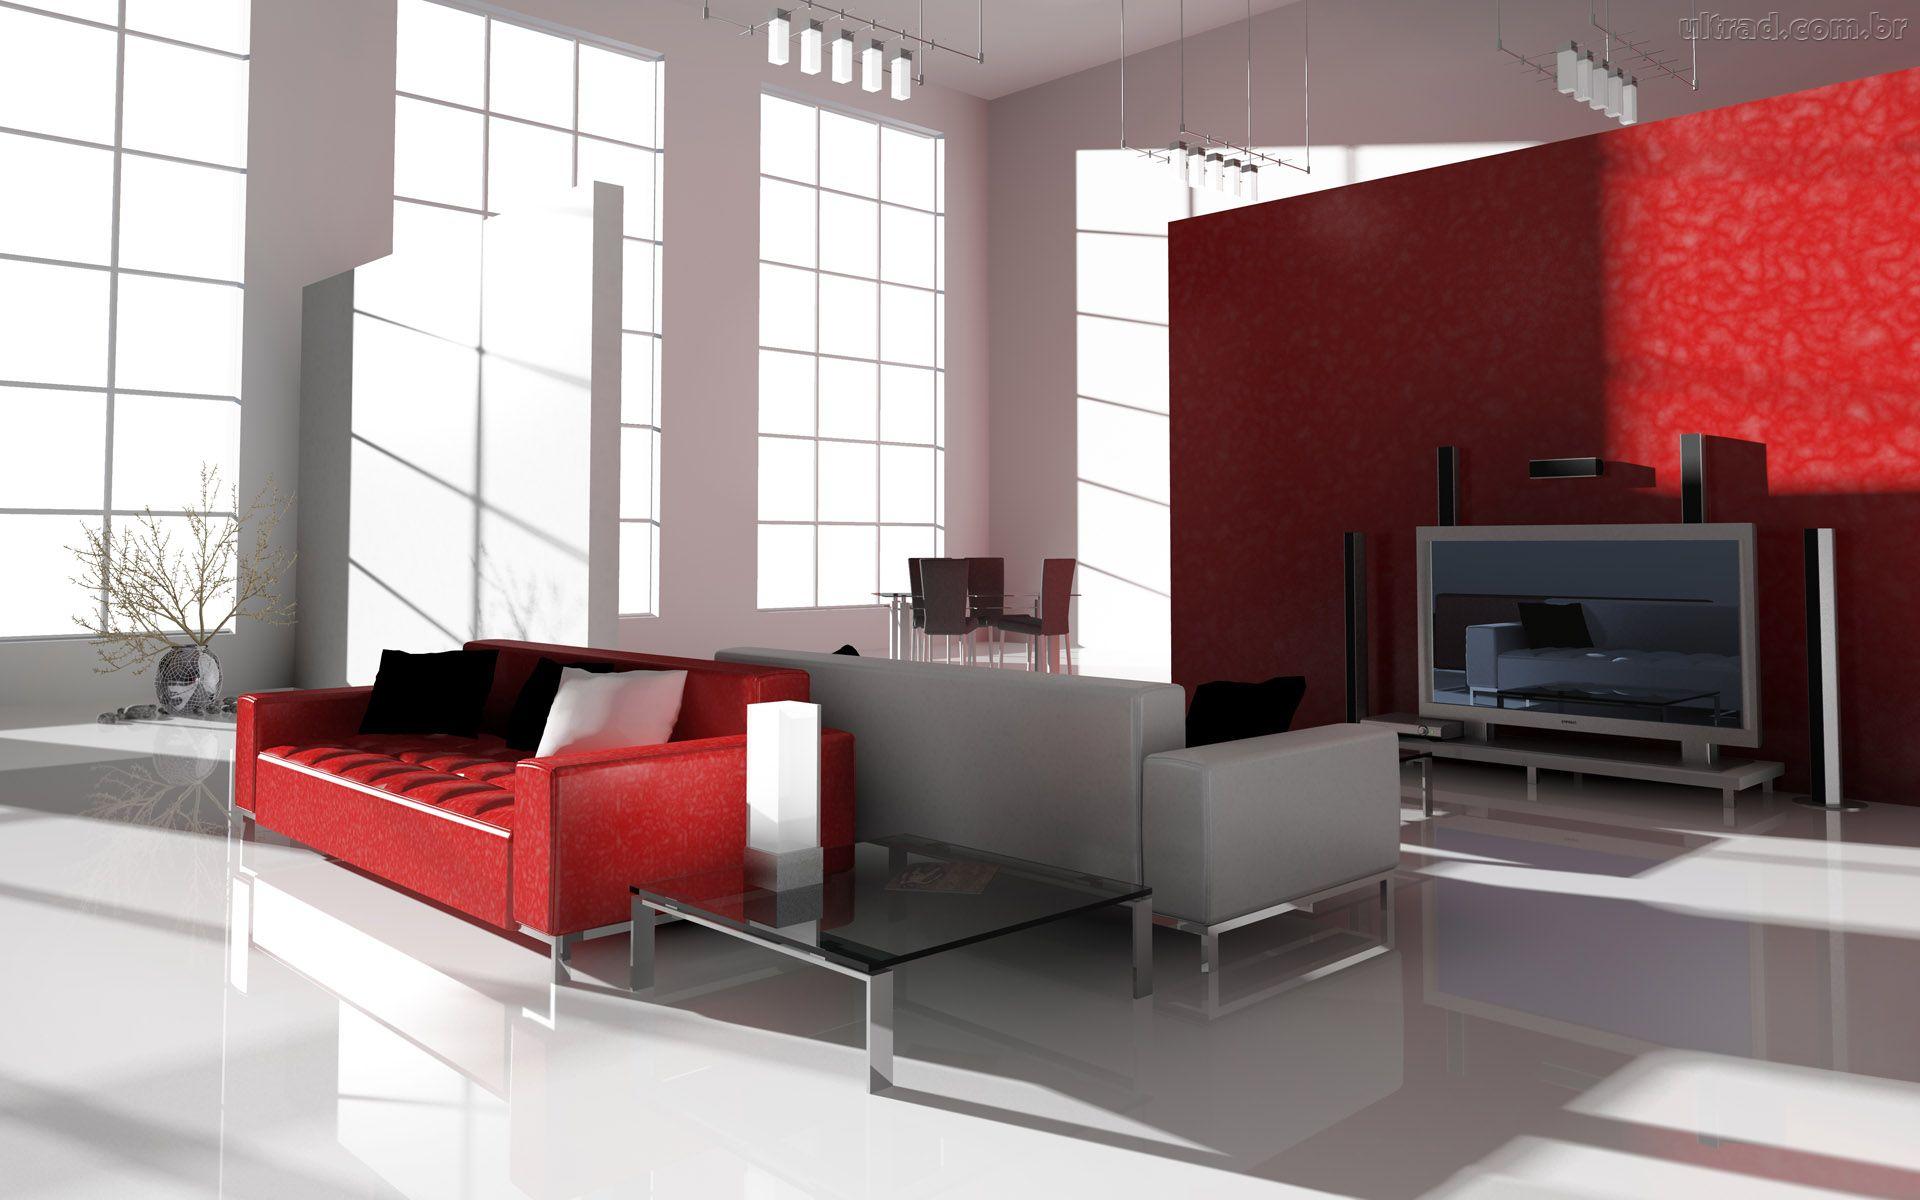 #A22929 Decoração e Projetos COMO DECORAR UMA SALA COM SOFÁ VERMELHO 1920x1200 píxeis em Como Decorar Uma Sala De Tv